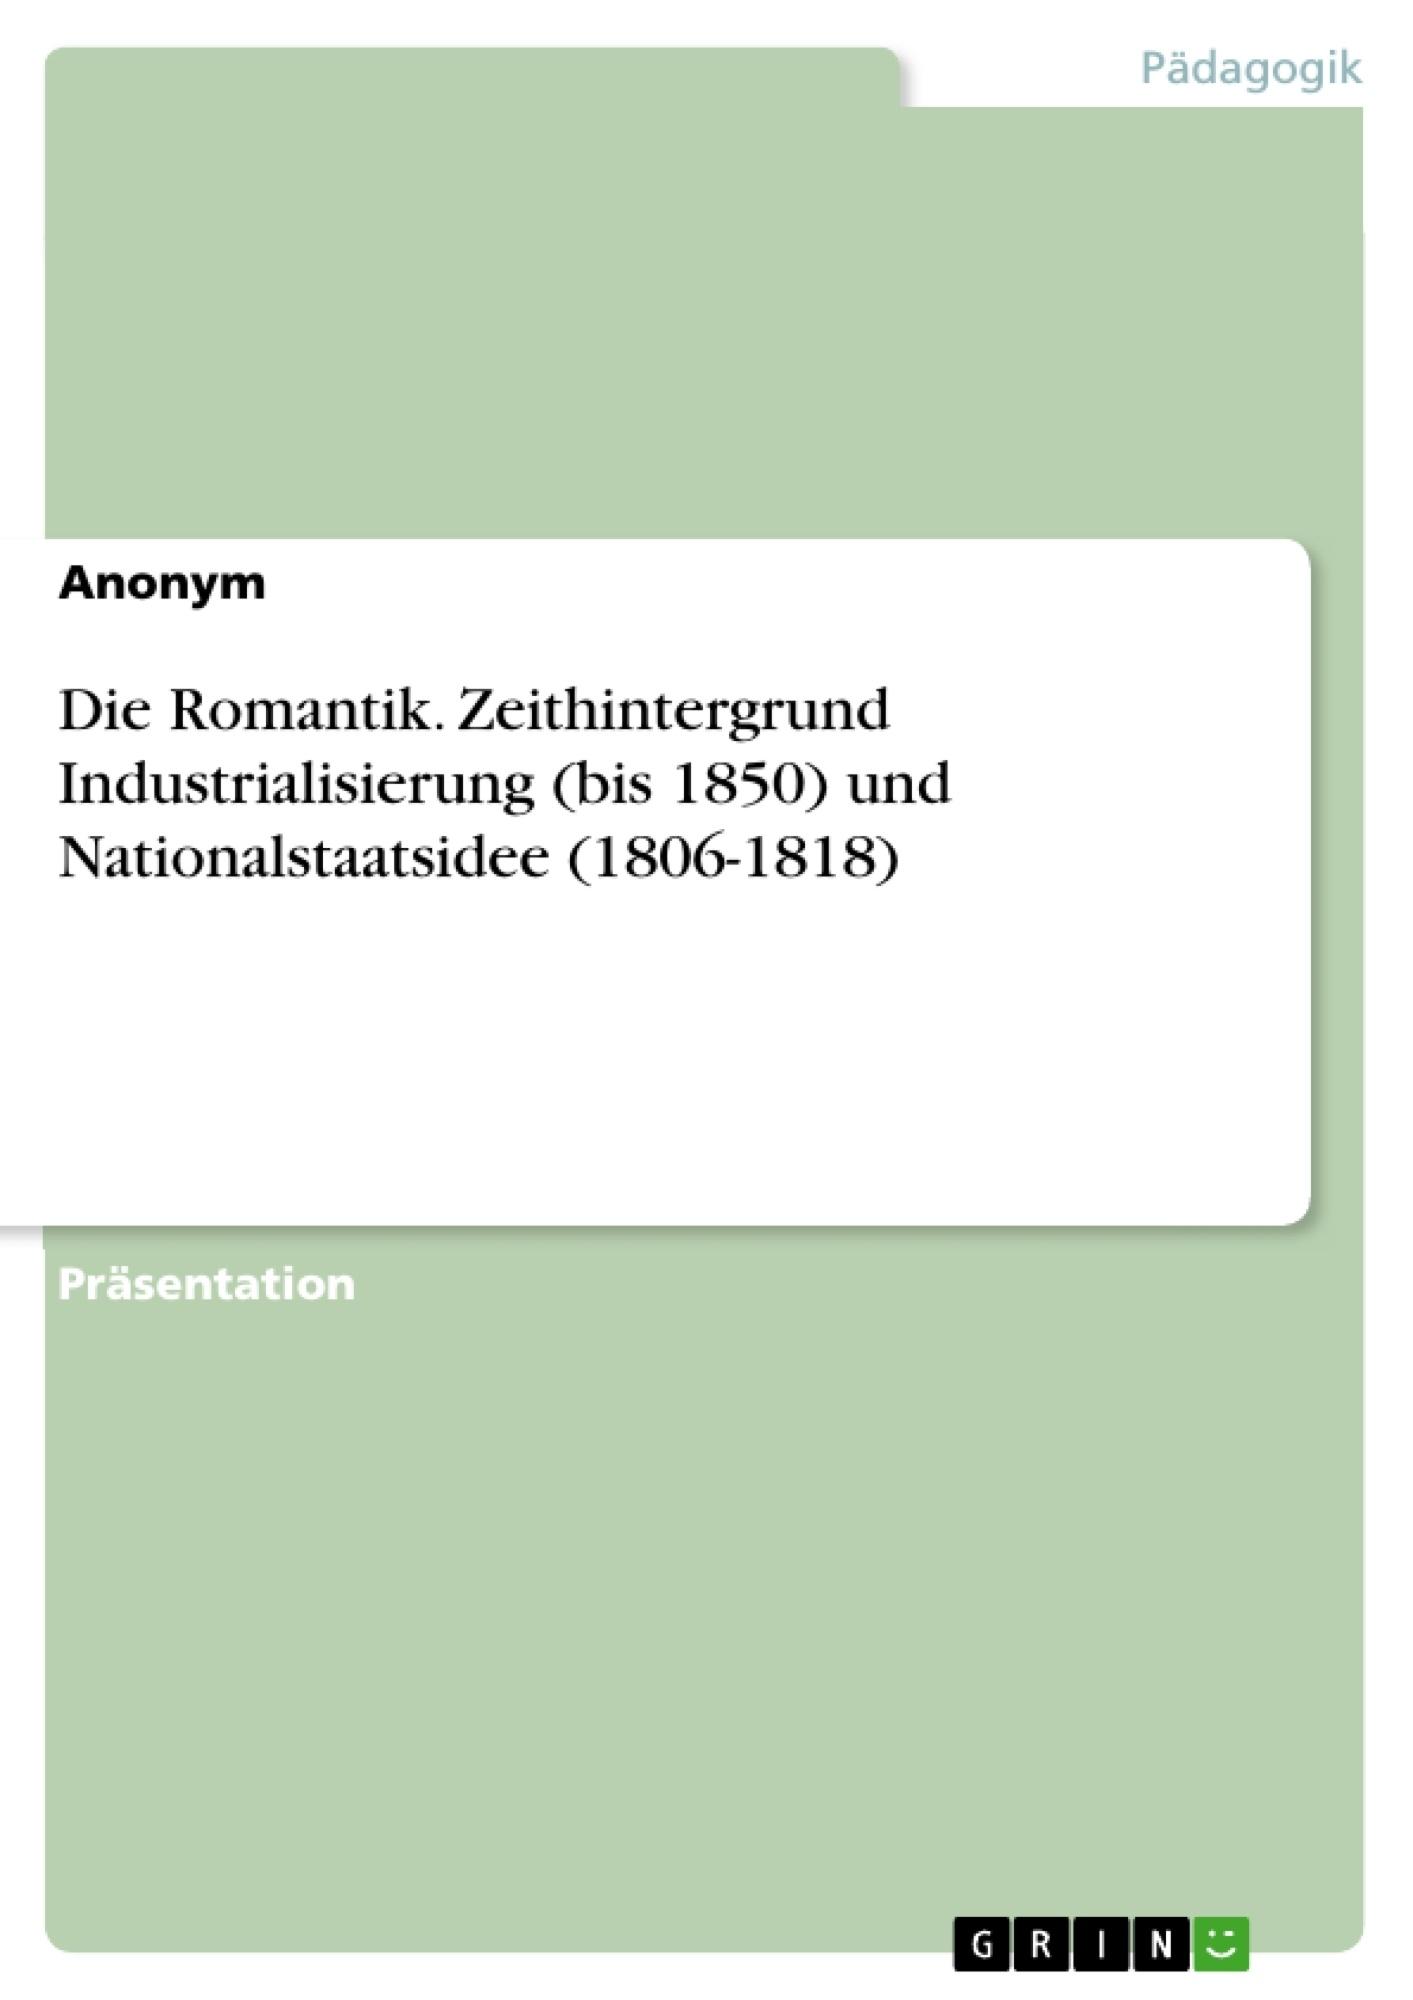 Titel: Die Romantik. Zeithintergrund Industrialisierung (bis 1850) und Nationalstaatsidee (1806-1818)